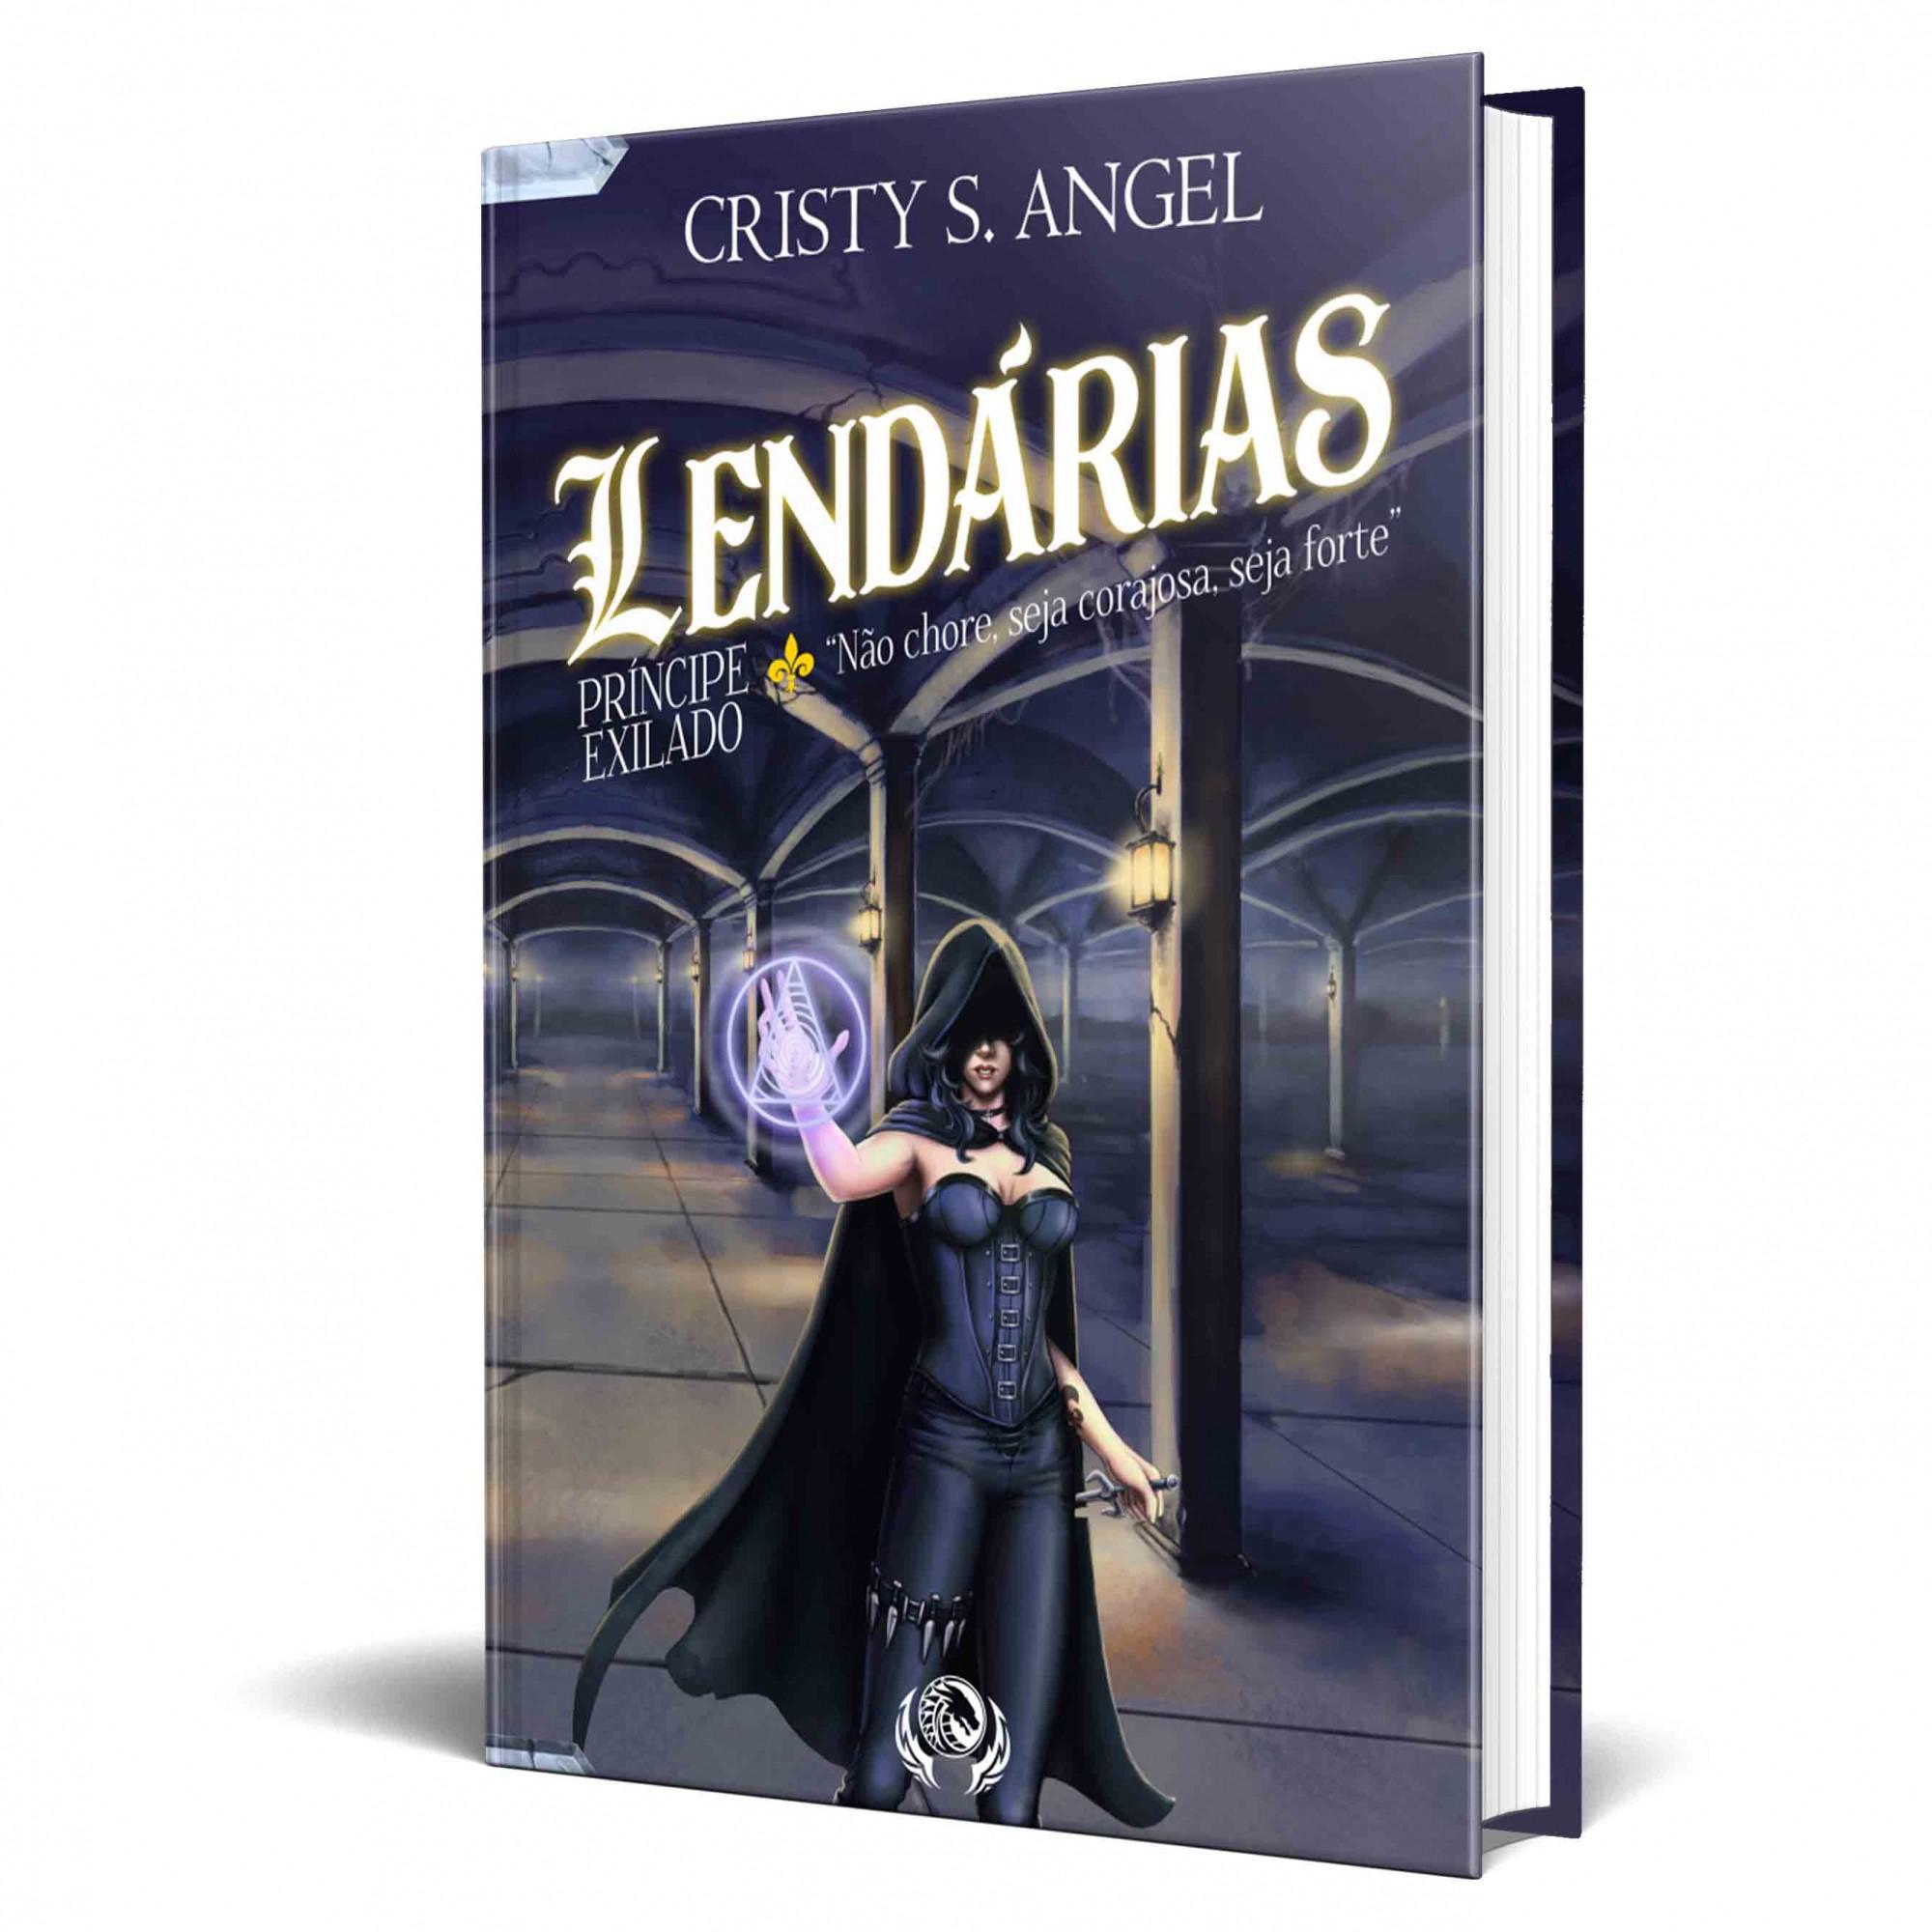 *** Pré-Venda*** do Livro Lendárias - O Príncipe Exilado